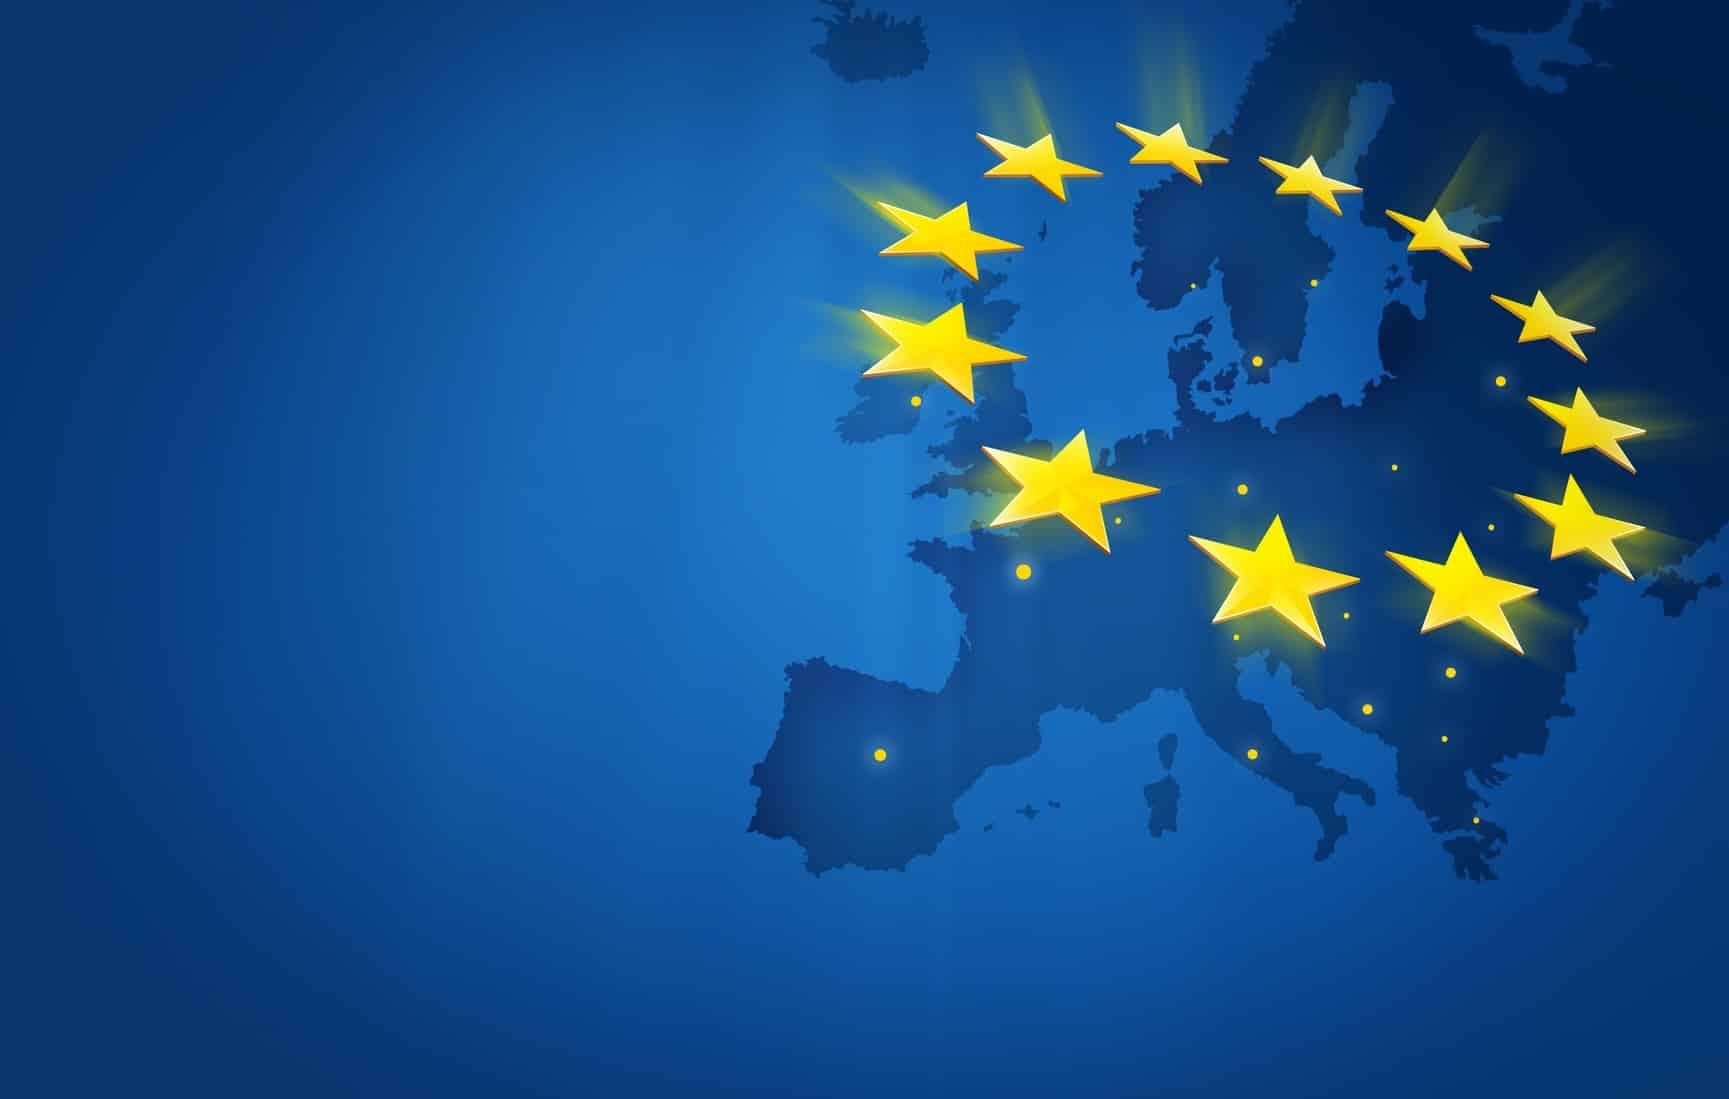 «Χαστούκι» στην Τουρκία από το Ευρωπαϊκό Κοινοβούλιο